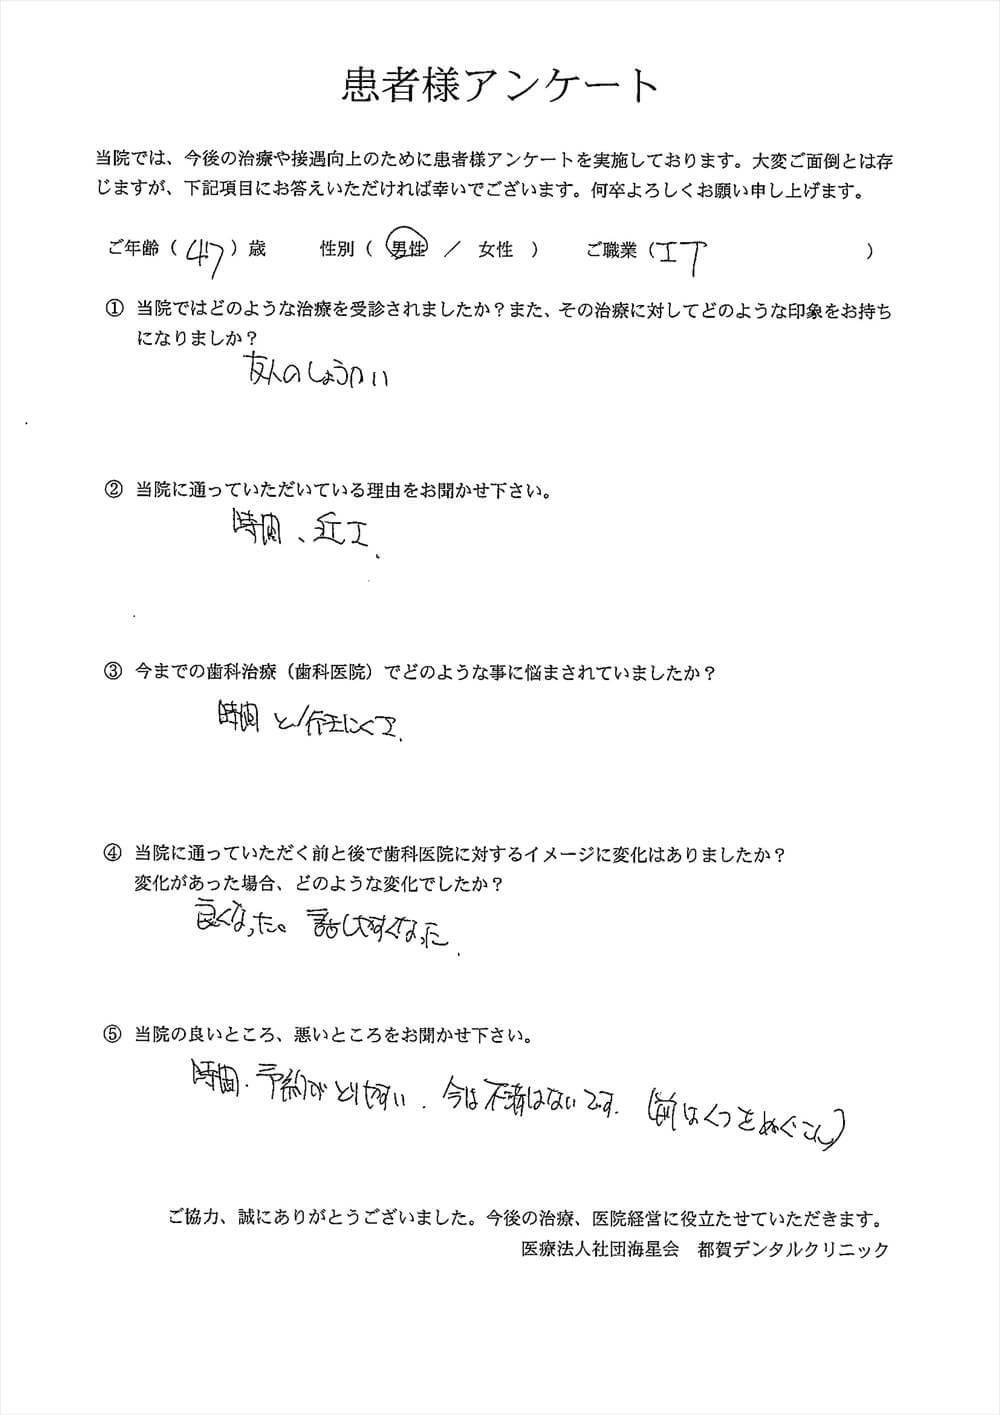 都賀デンタルクリニックの口コミアンケート5